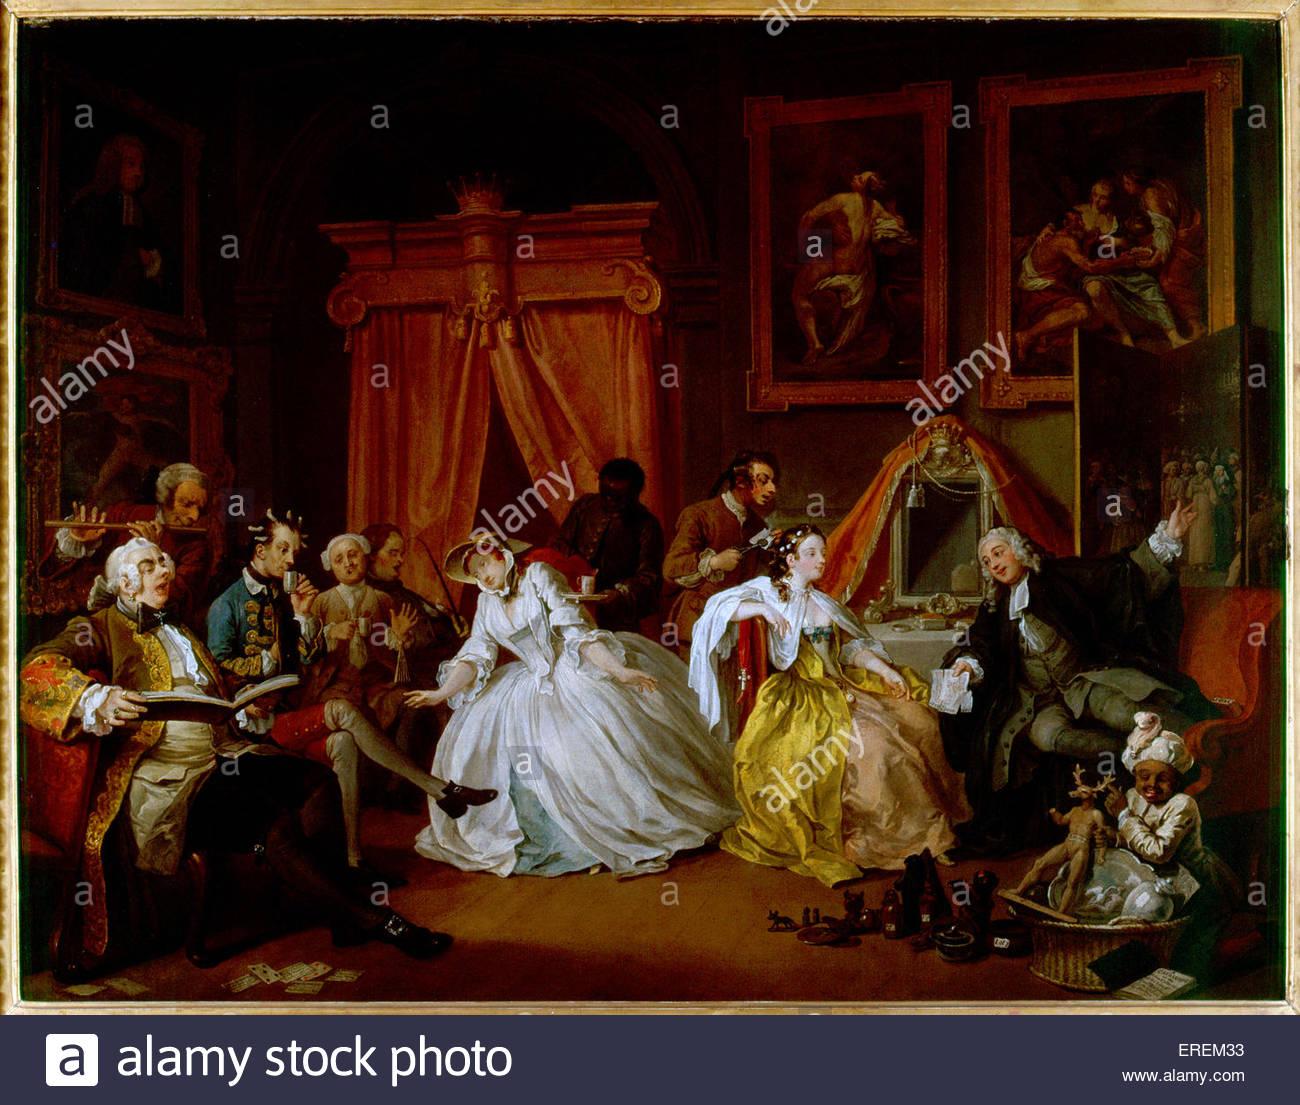 Un mariage-la-Mode: 4, la toilette par William Hogarth. Vers 1743, huile sur toile, 70,5 x 90,8 cm. Après Photo Stock